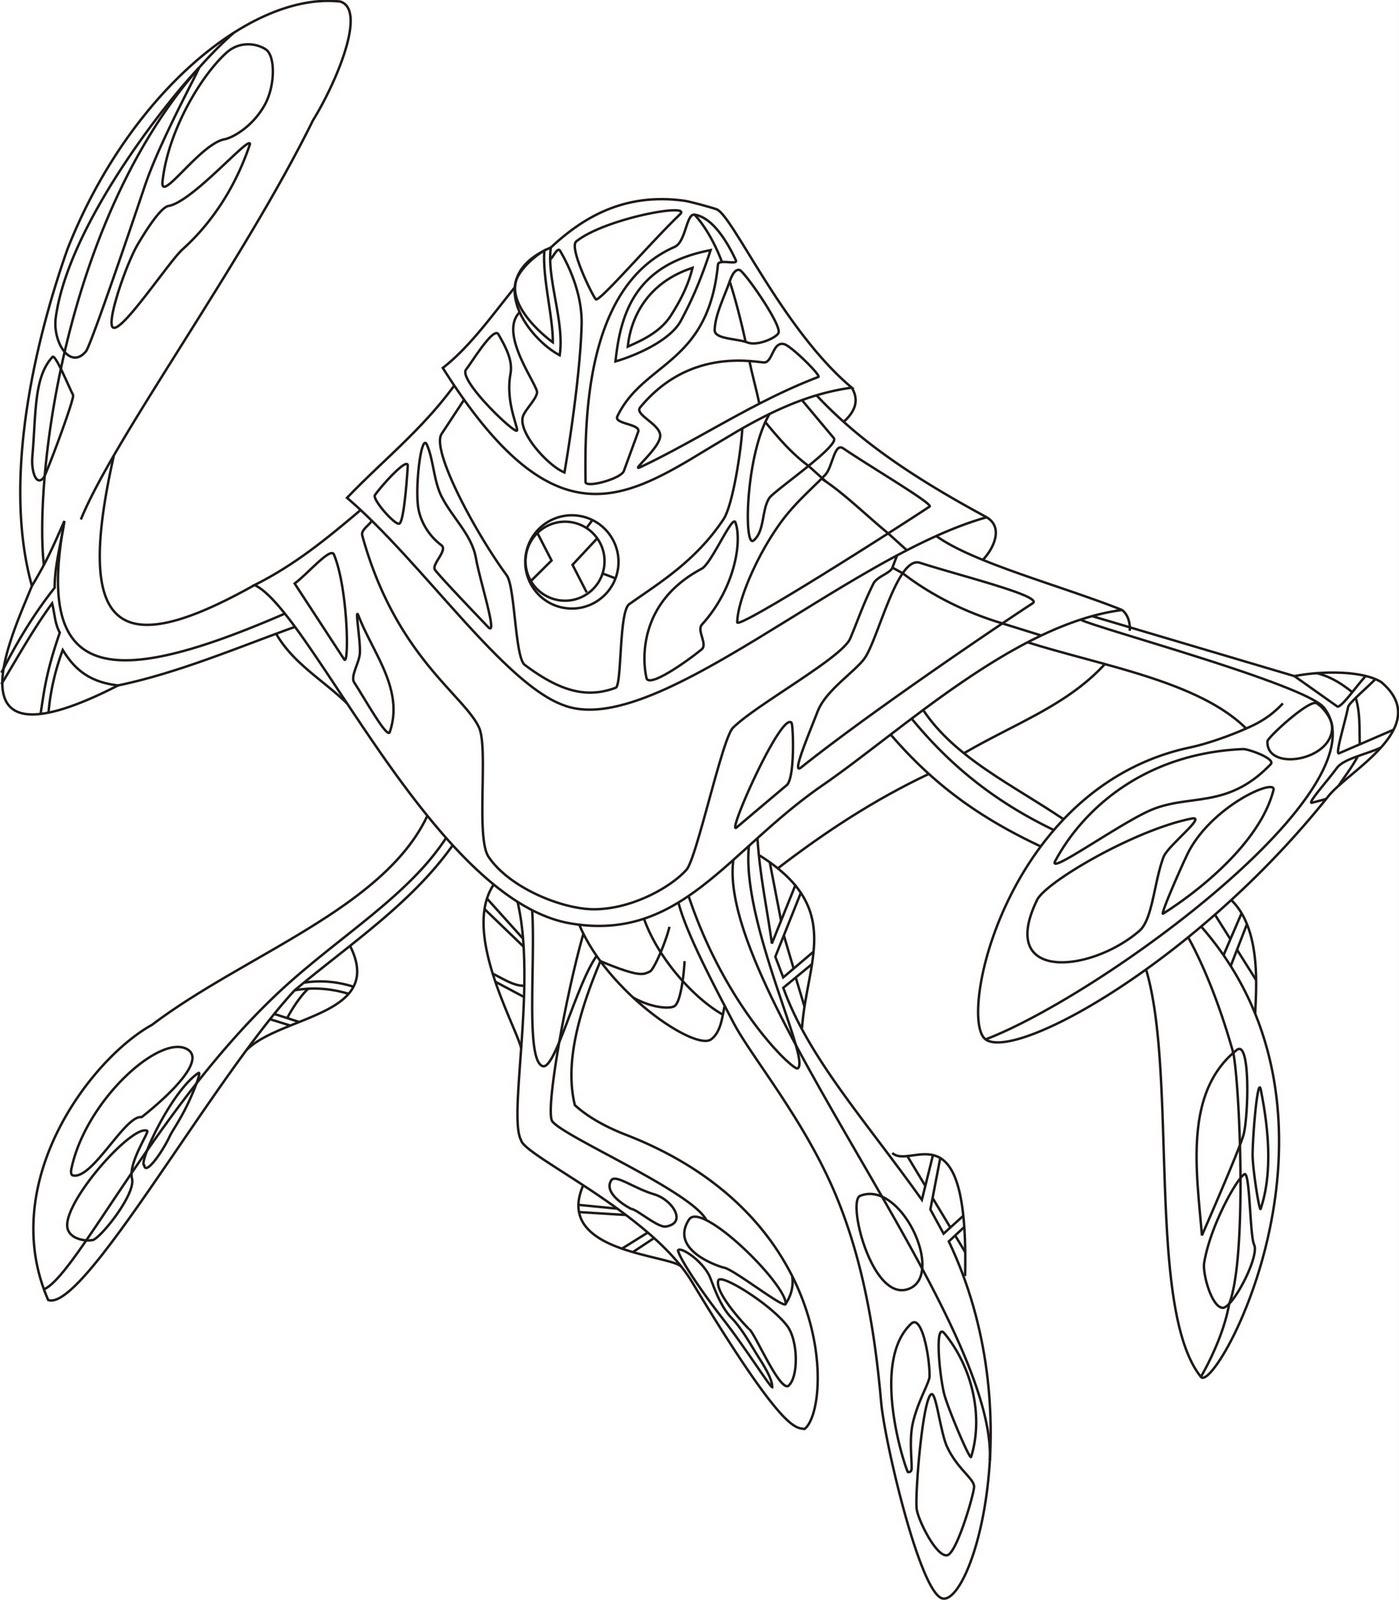 Dibujo de Ampfibio, el Alienígena extraterrestre de ben 10 para colorear